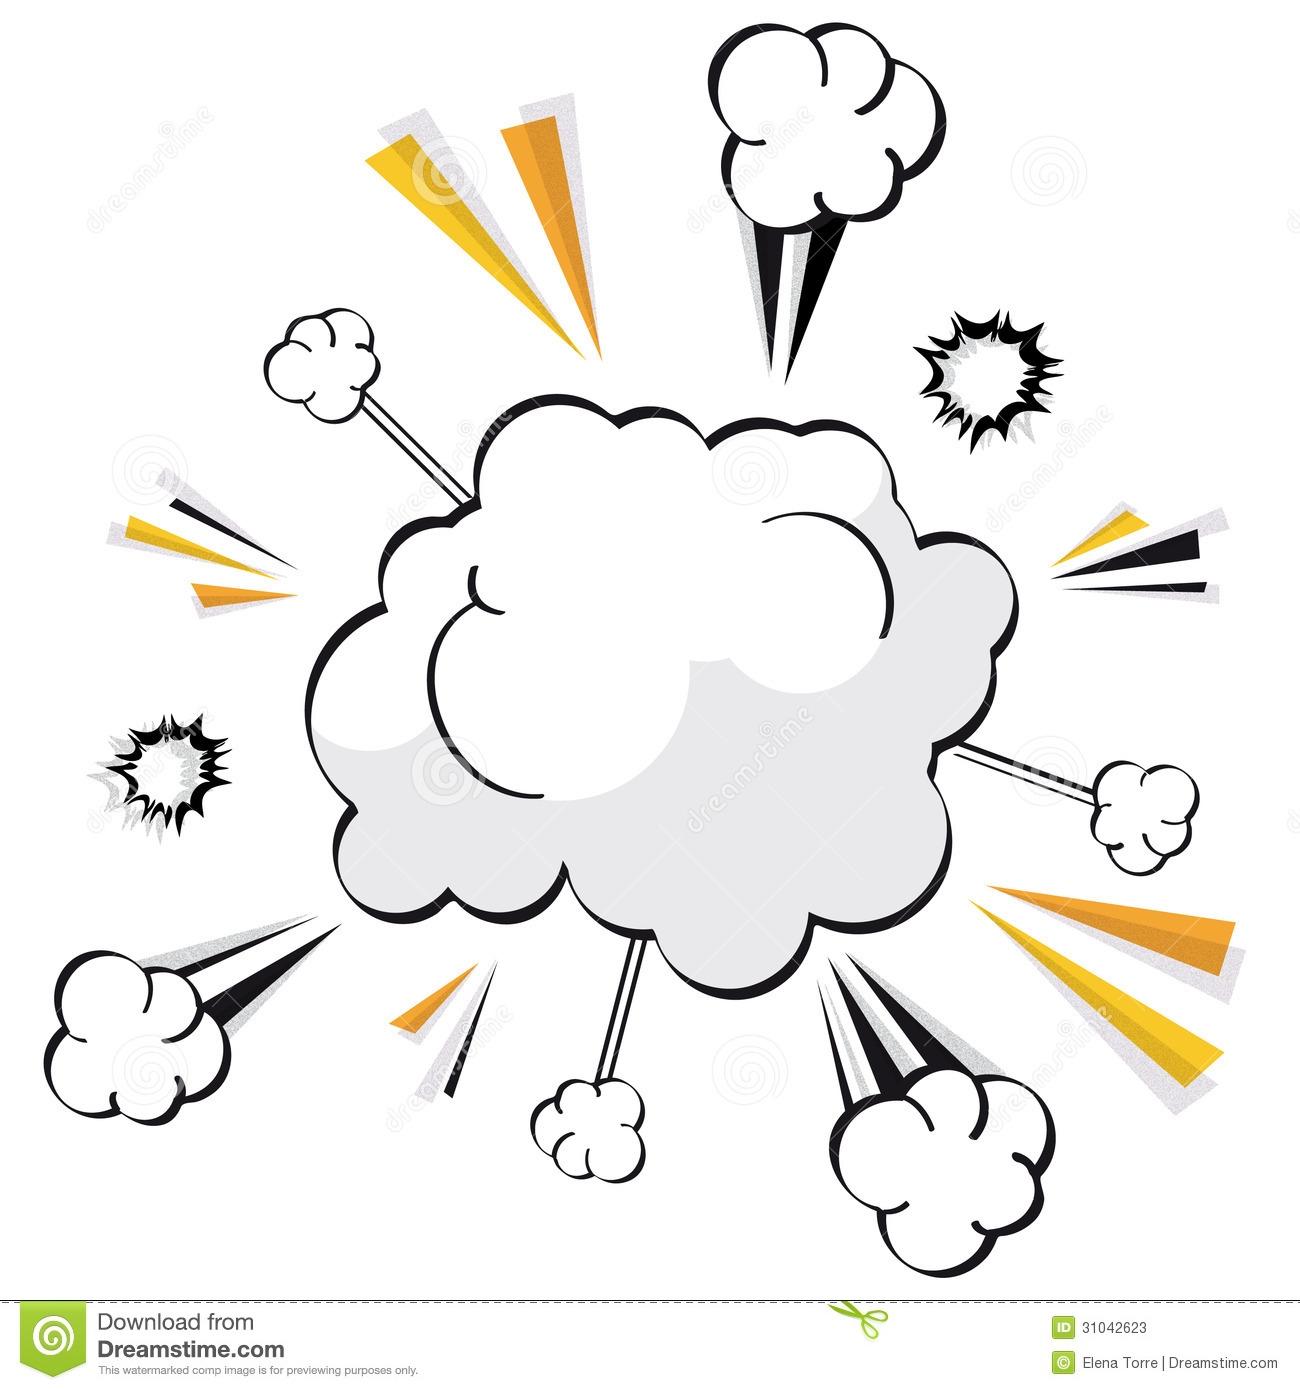 Explosions clipart cloud clipart Explosion Explosion Clipart Cloud com